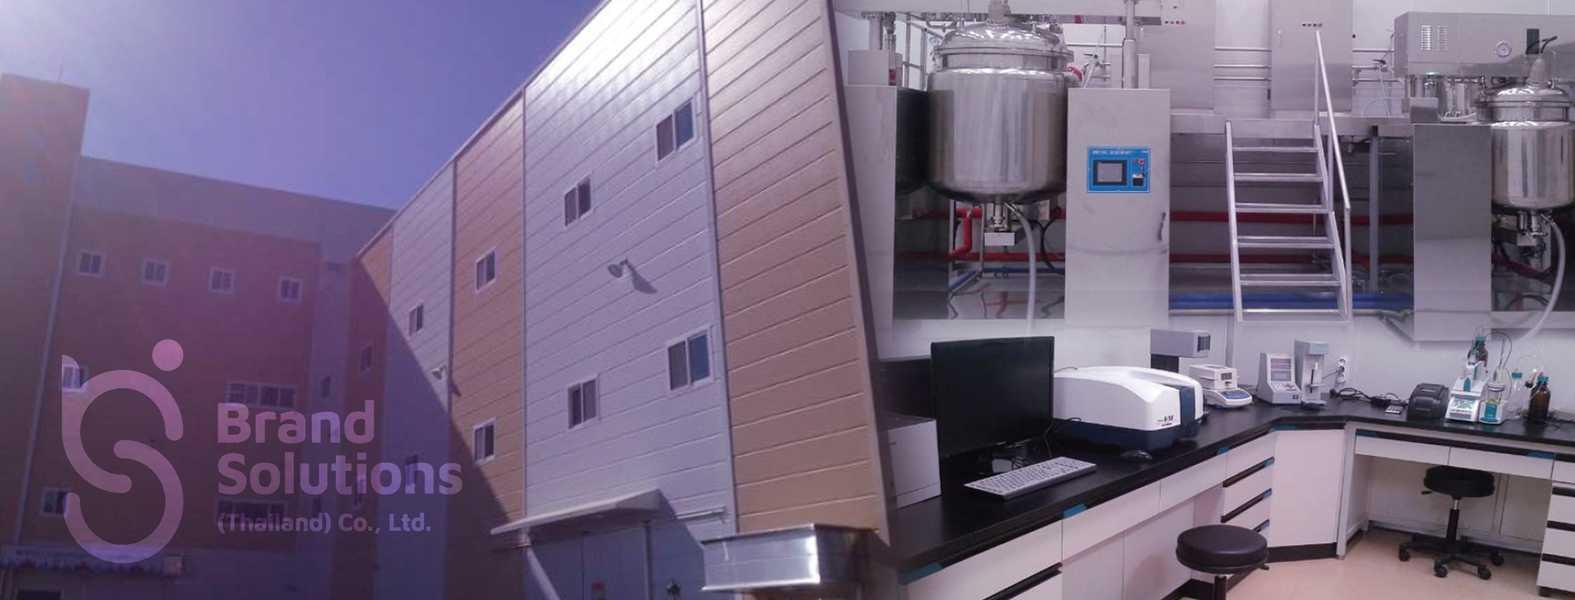 โรงงานผลิตอาหารเสริม โรงงานผลิตเครื่องสำอาง รับผลิตครีม รับผลิตอาหารเสริม